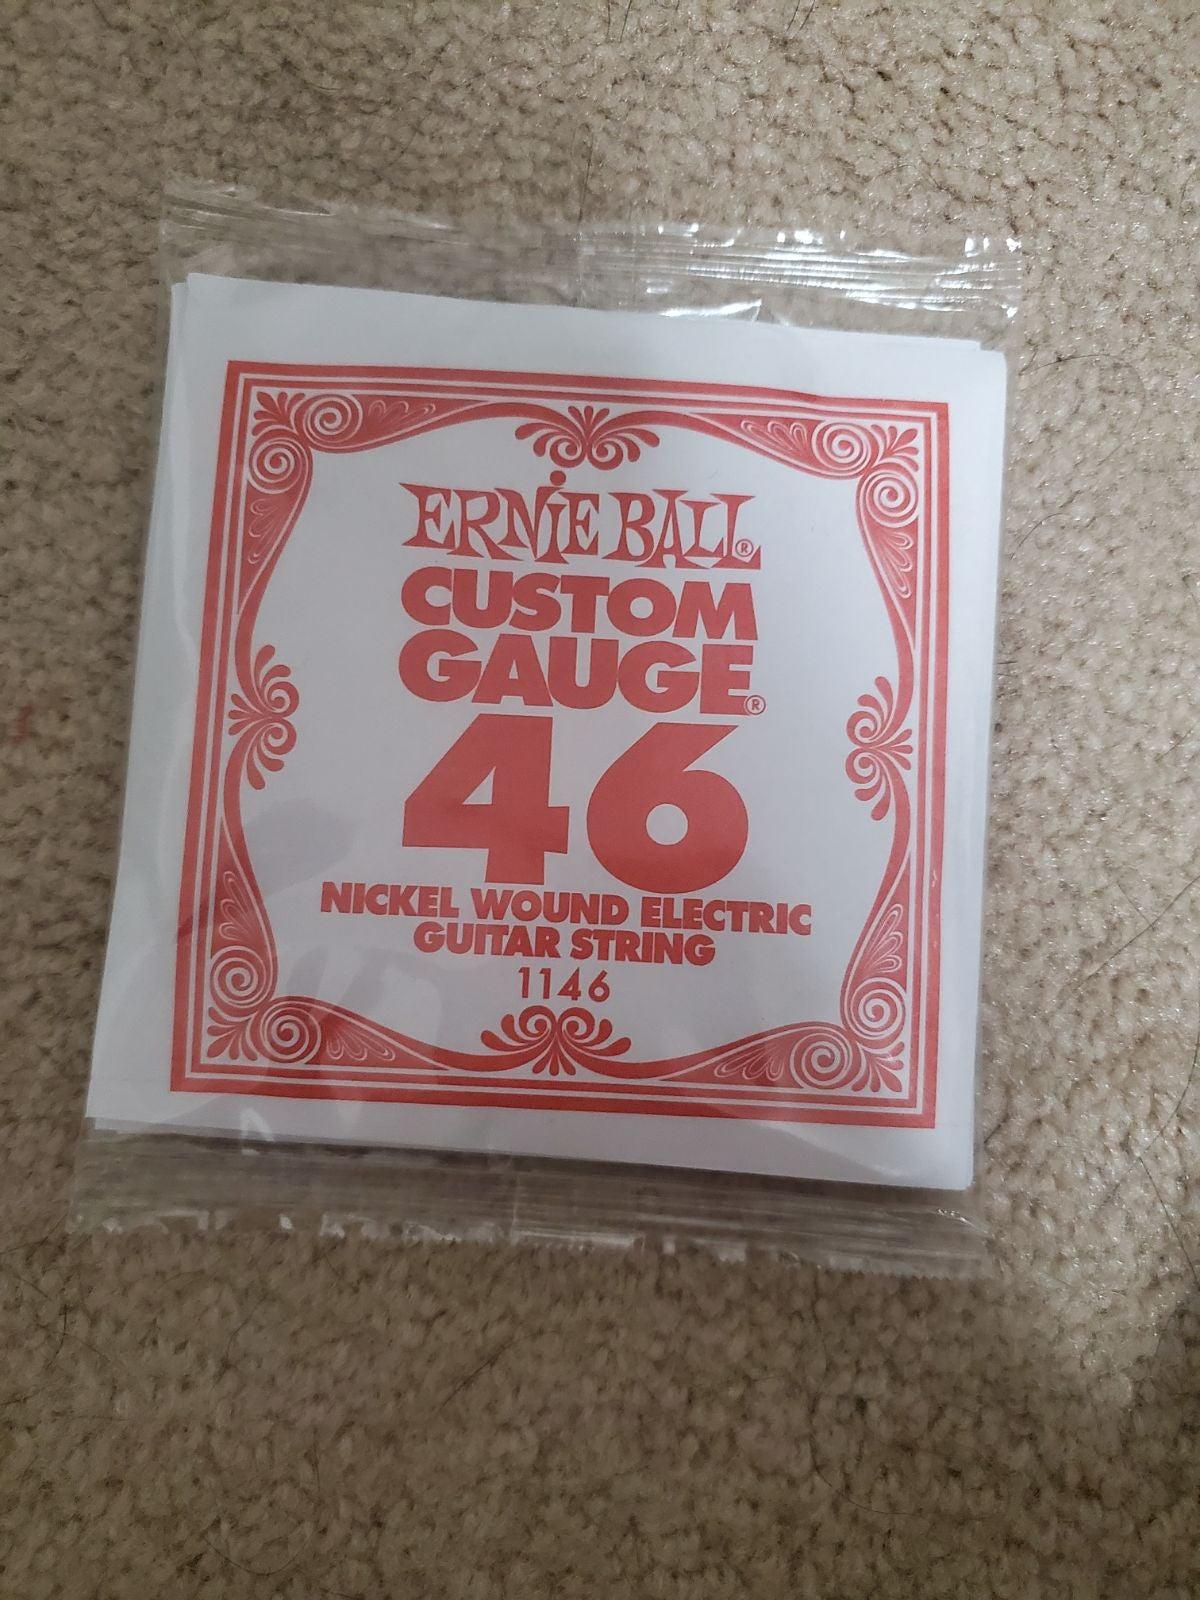 Custom 46 gauge electric guitar strings